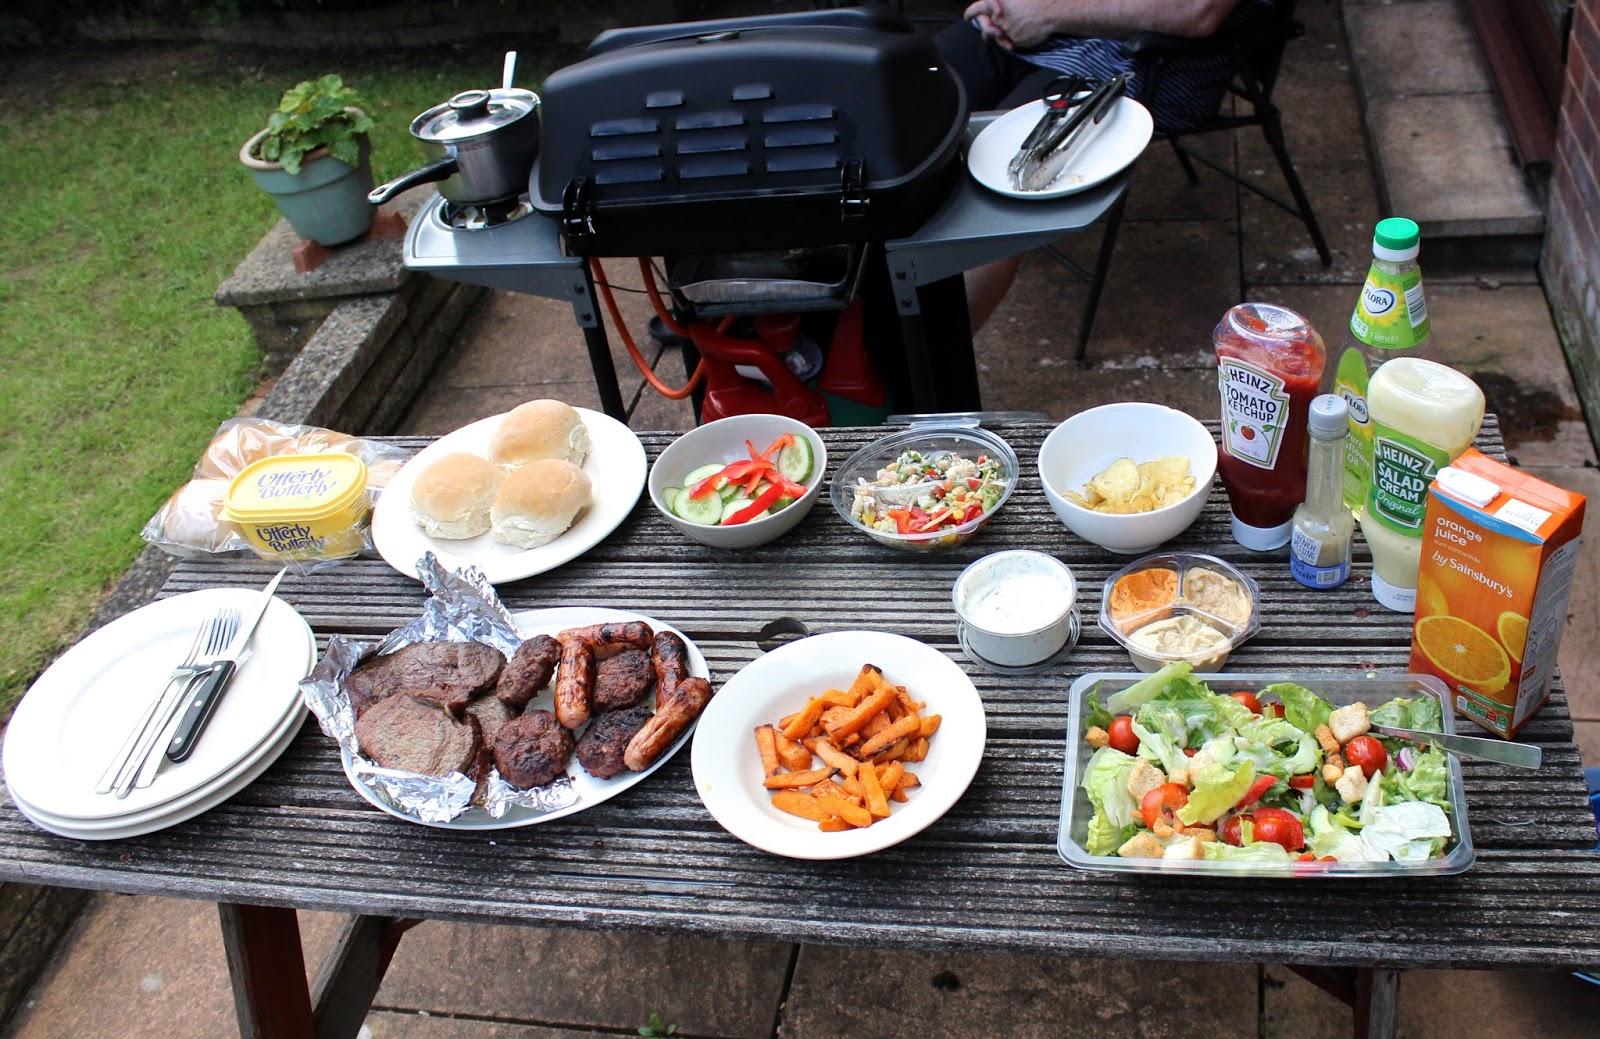 BBQ food